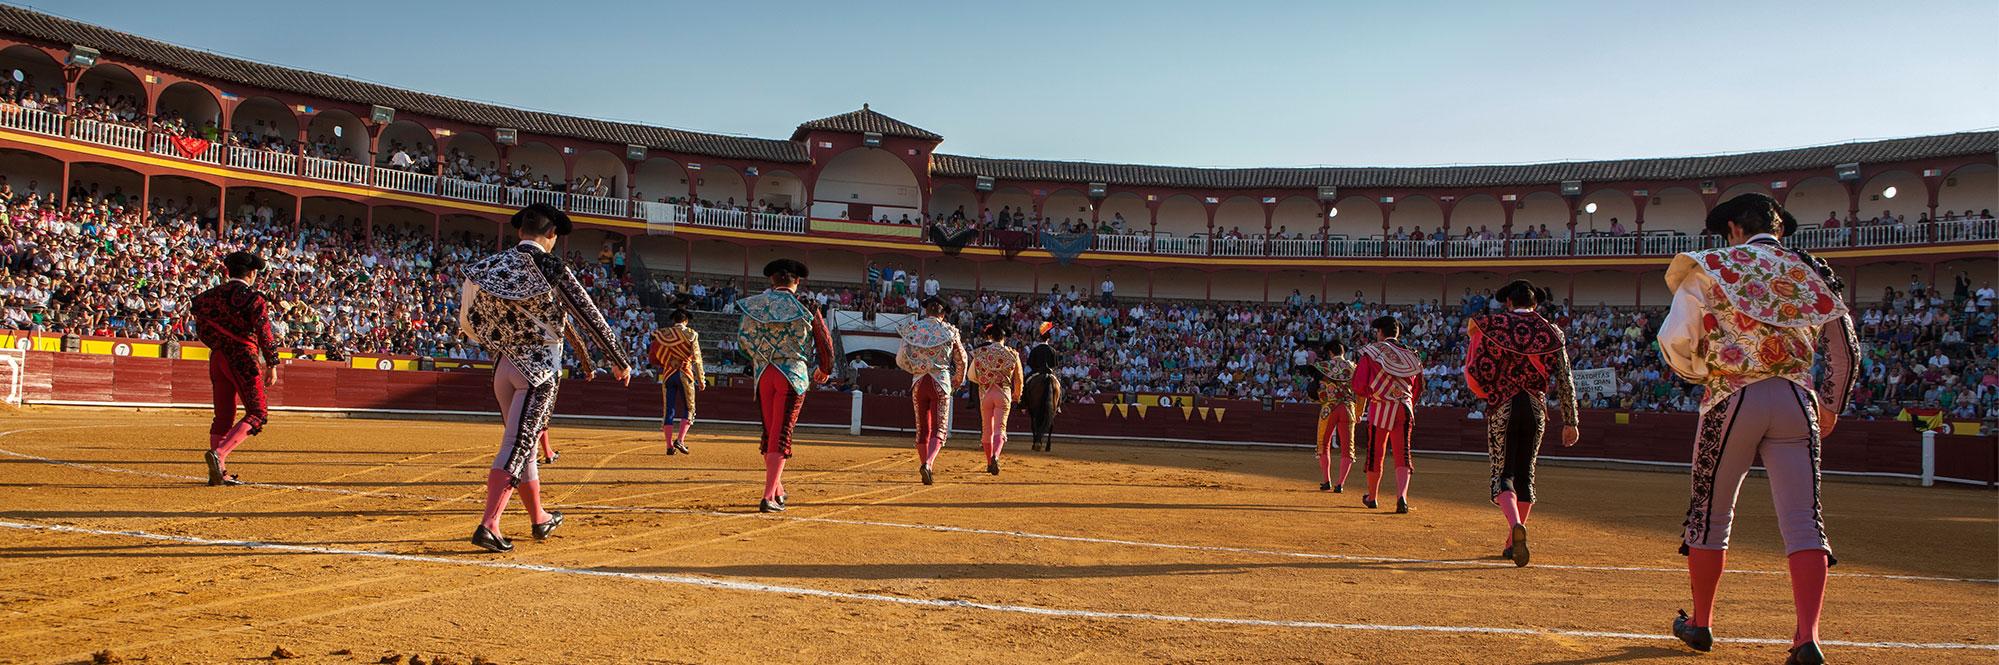 Maxitoro. Plaza de Toros de Ciudad Real